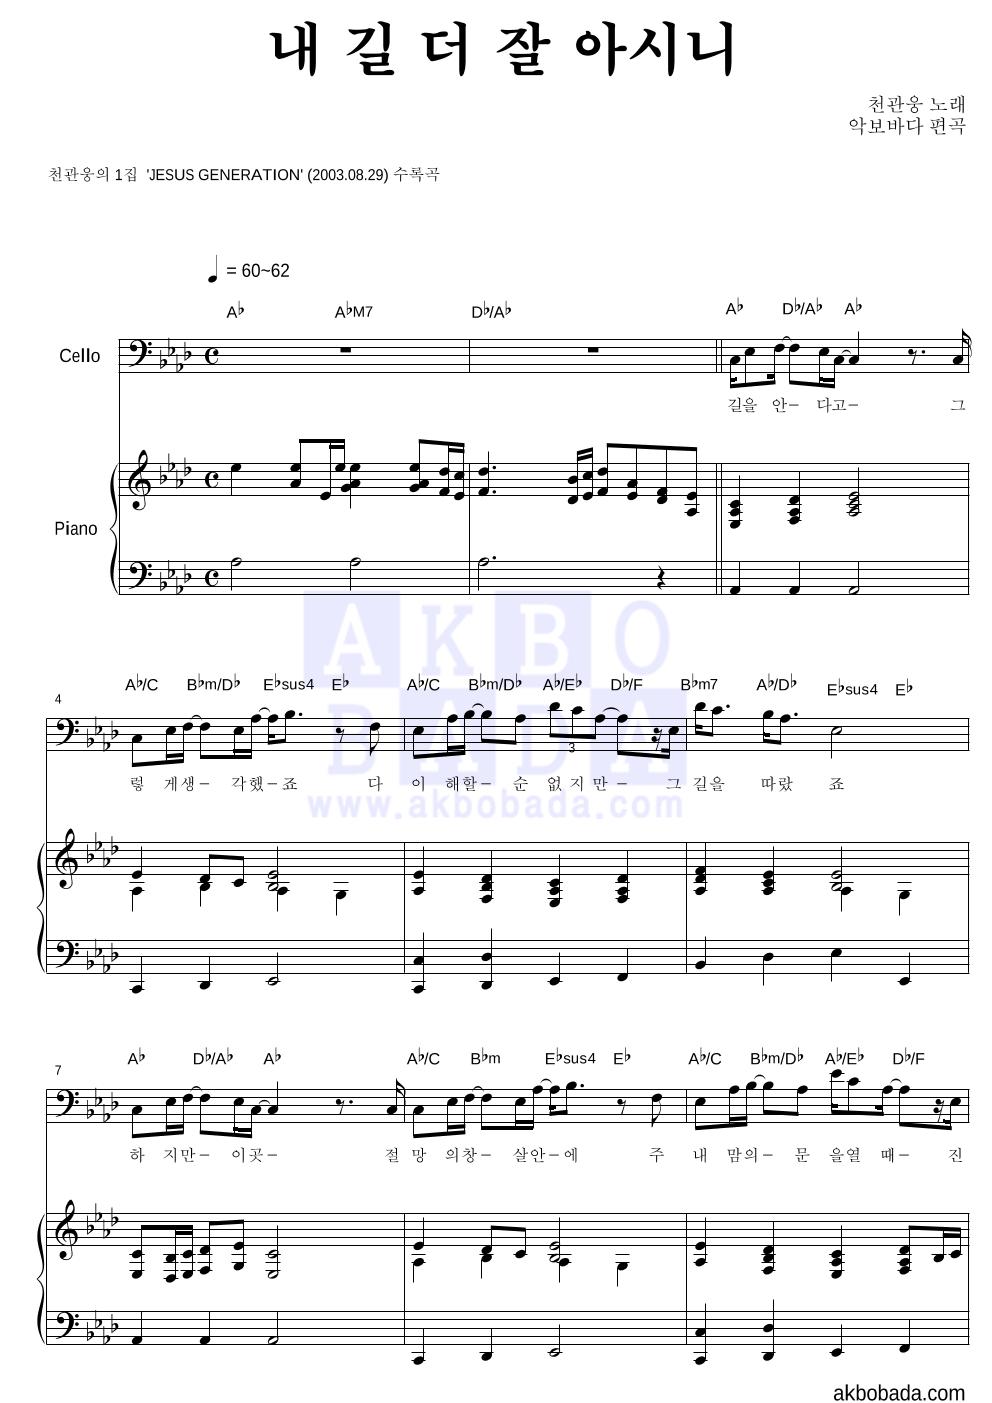 천관웅 - 내 길 더 잘 아시니 첼로&피아노 악보